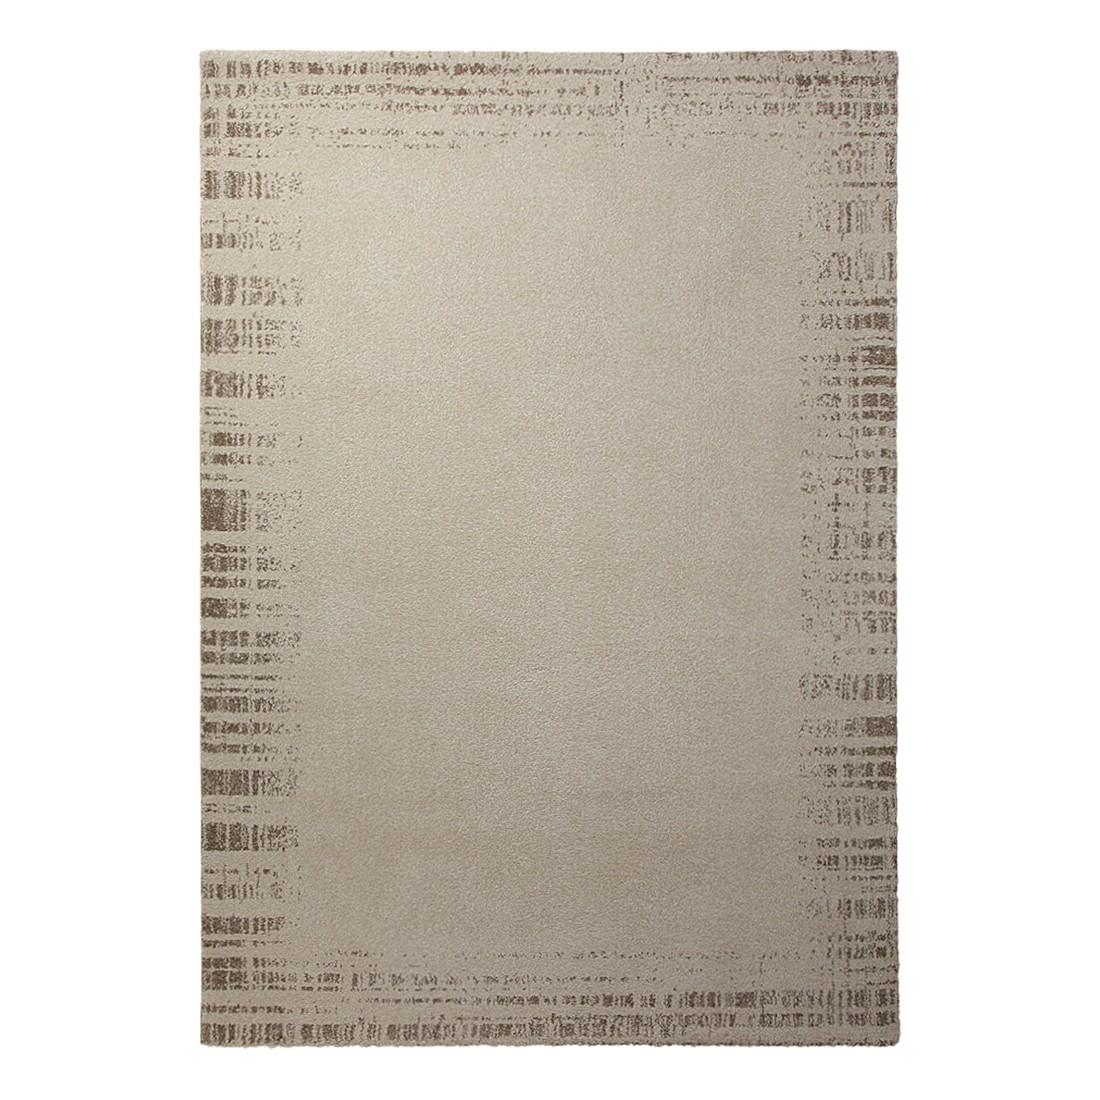 Teppich Corso II – Beige / Braun – 133 x 200 cm, Esprit bestellen